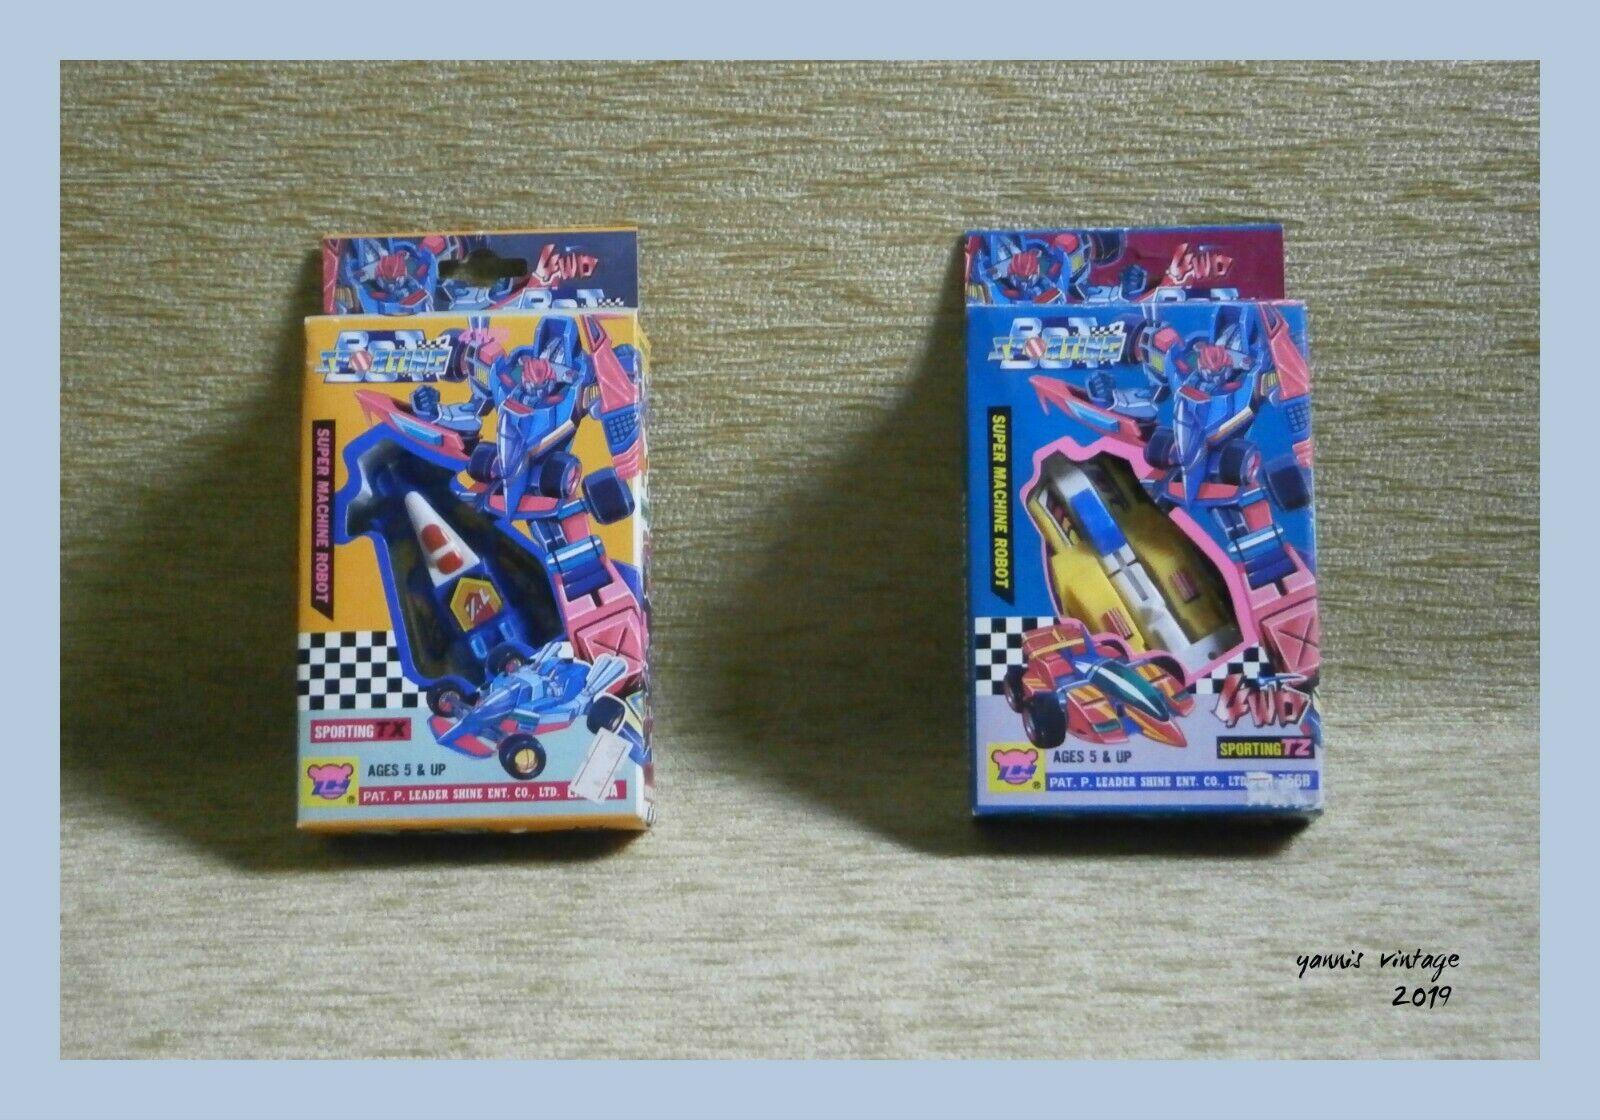 barato y de alta calidad Sporting TX & deportivos TZ 4WD Lote X X X 2 Nuevo en Caja Taiwán Transformers 80s - 90s De Colección Raro  descuento